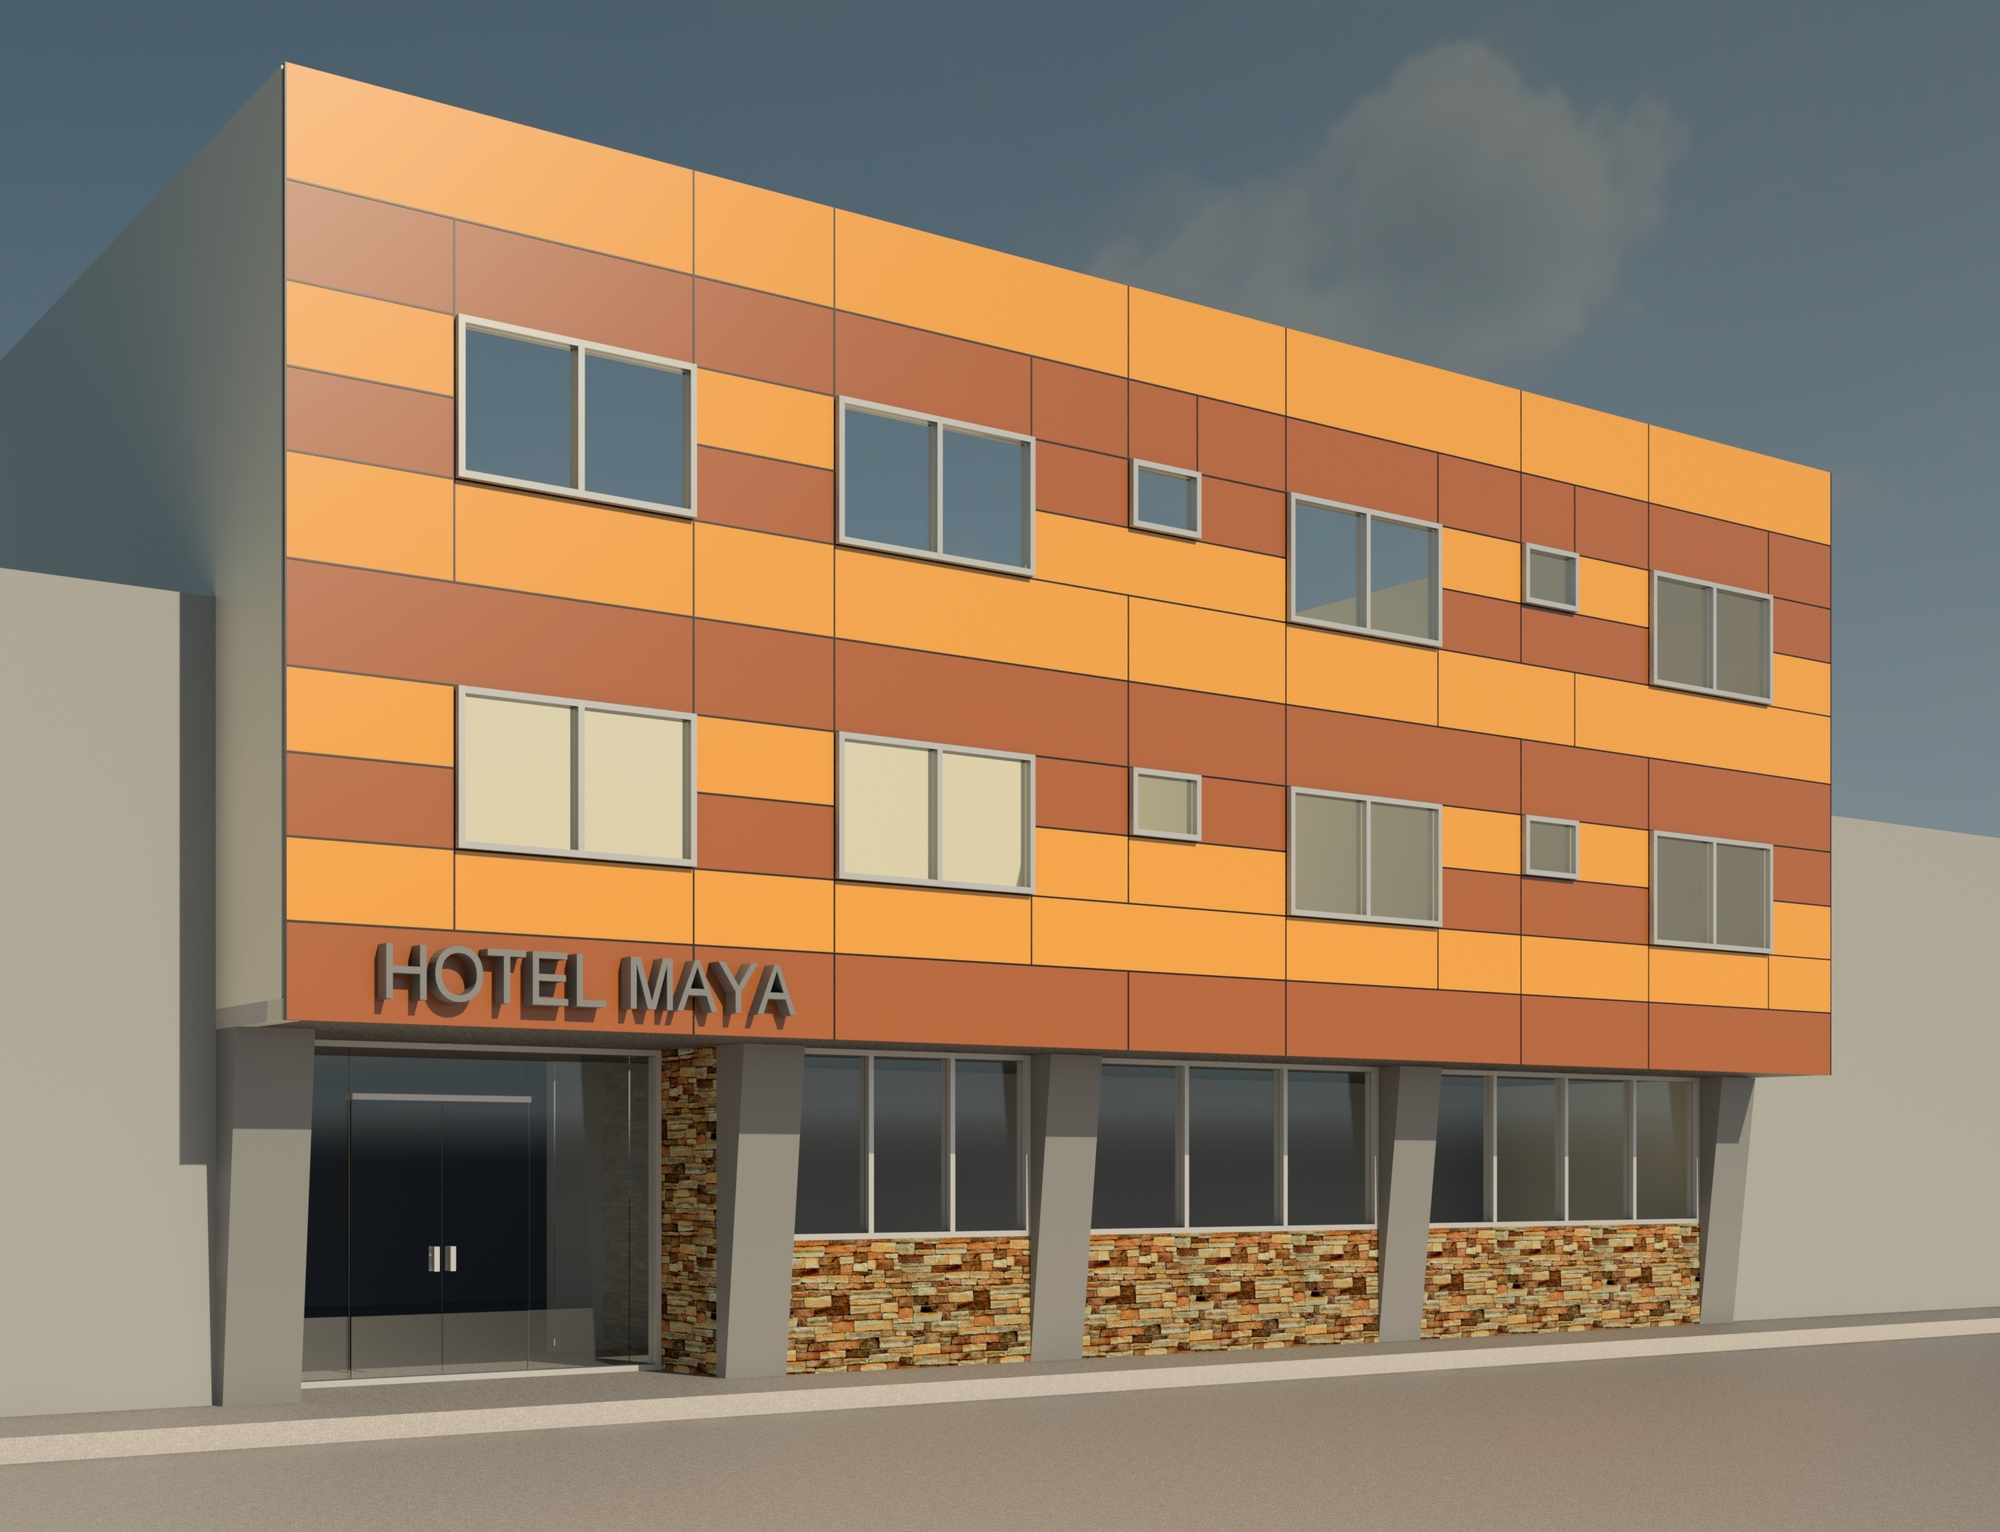 Hotel Con Fachada De Alucobond Autodesk Online Gallery